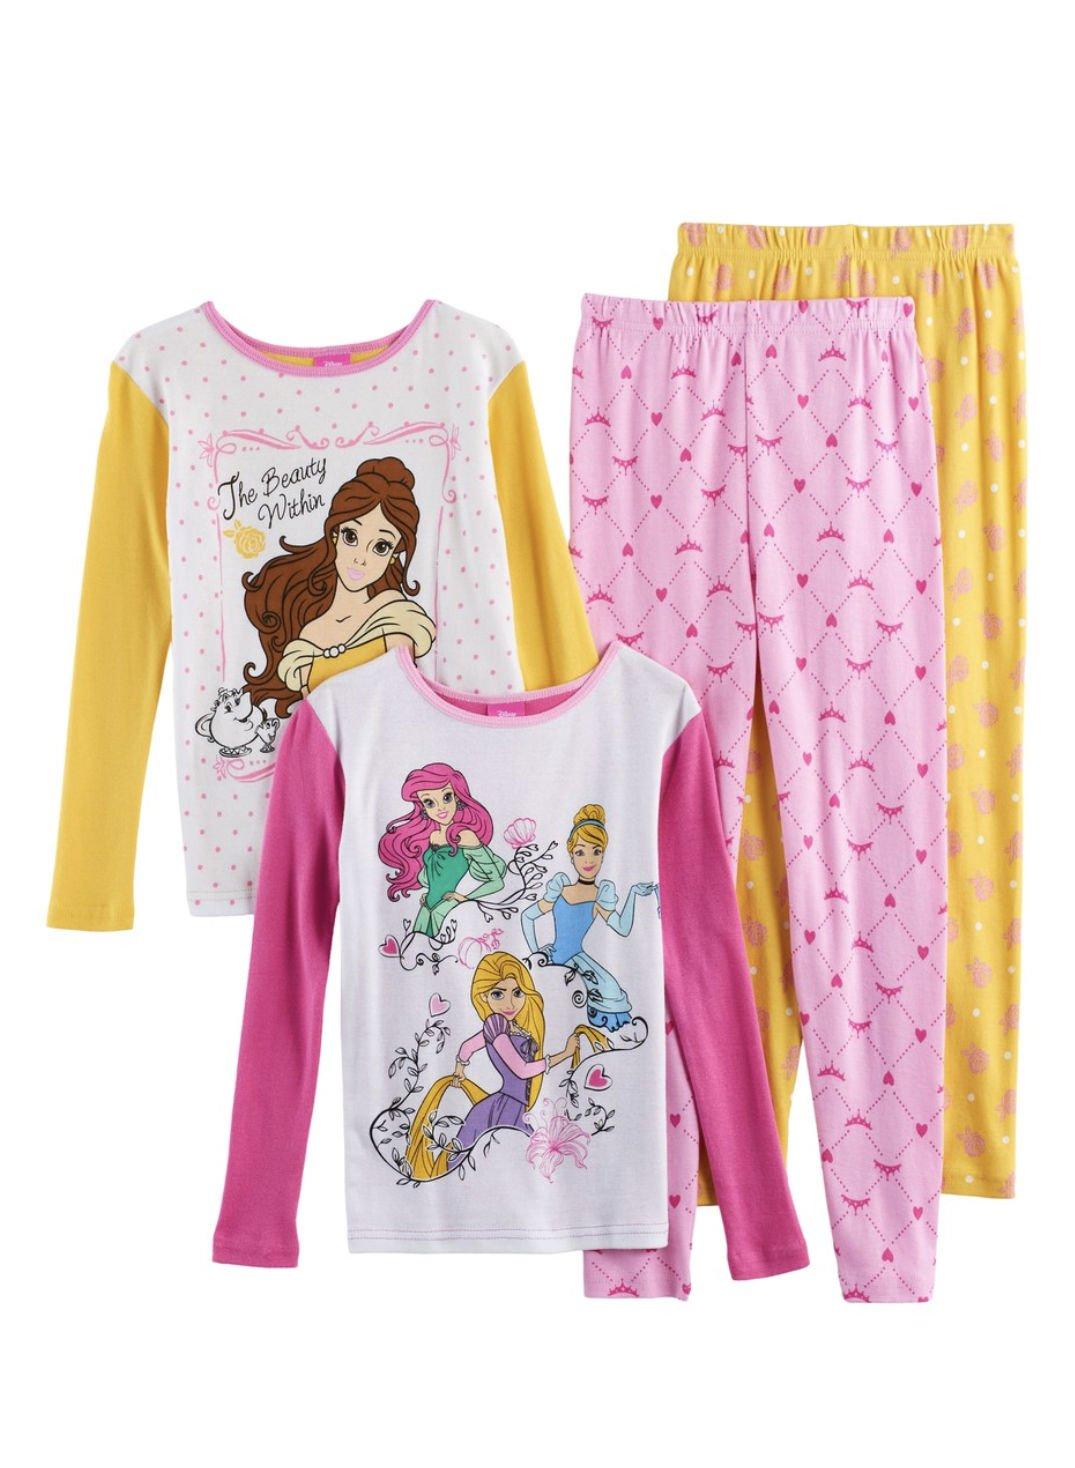 AME Disney Princess Girls 4-Piece Tops & Bottoms Pajama Set (Multi, 10)